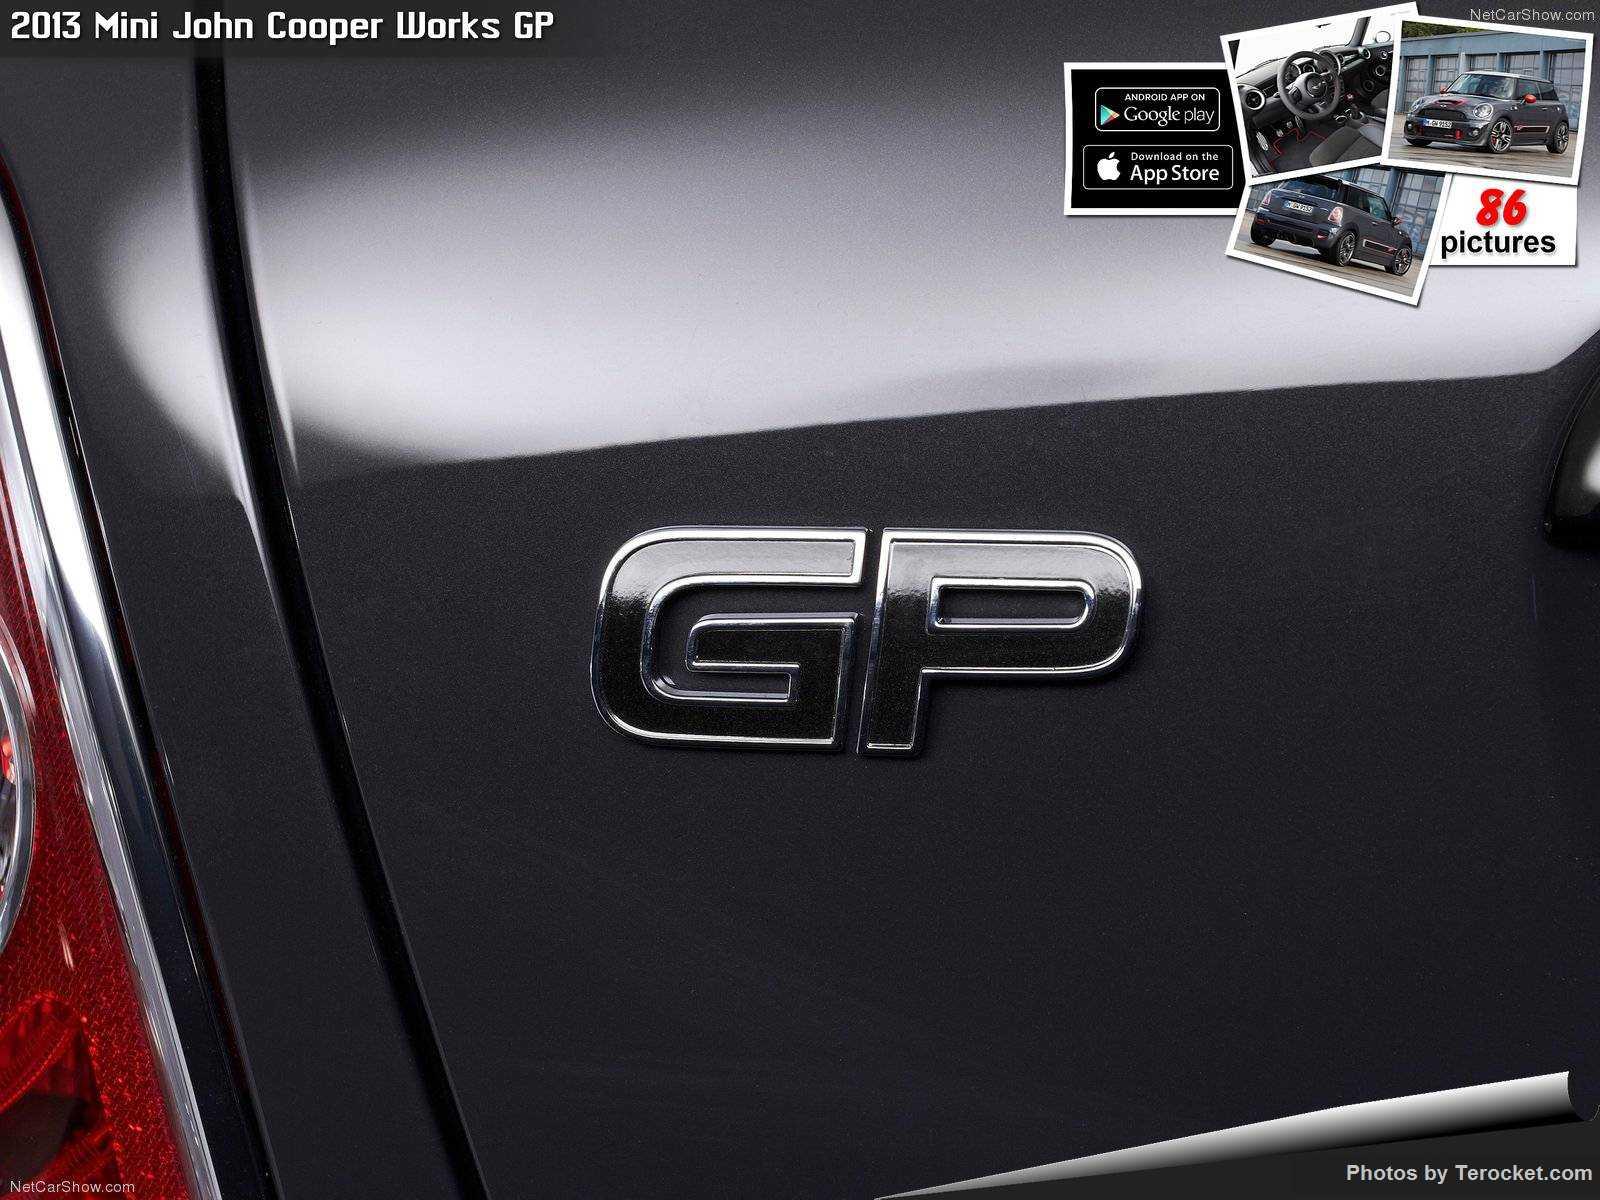 Hình ảnh xe ô tô Mini John Cooper Works GP 2013 & nội ngoại thất